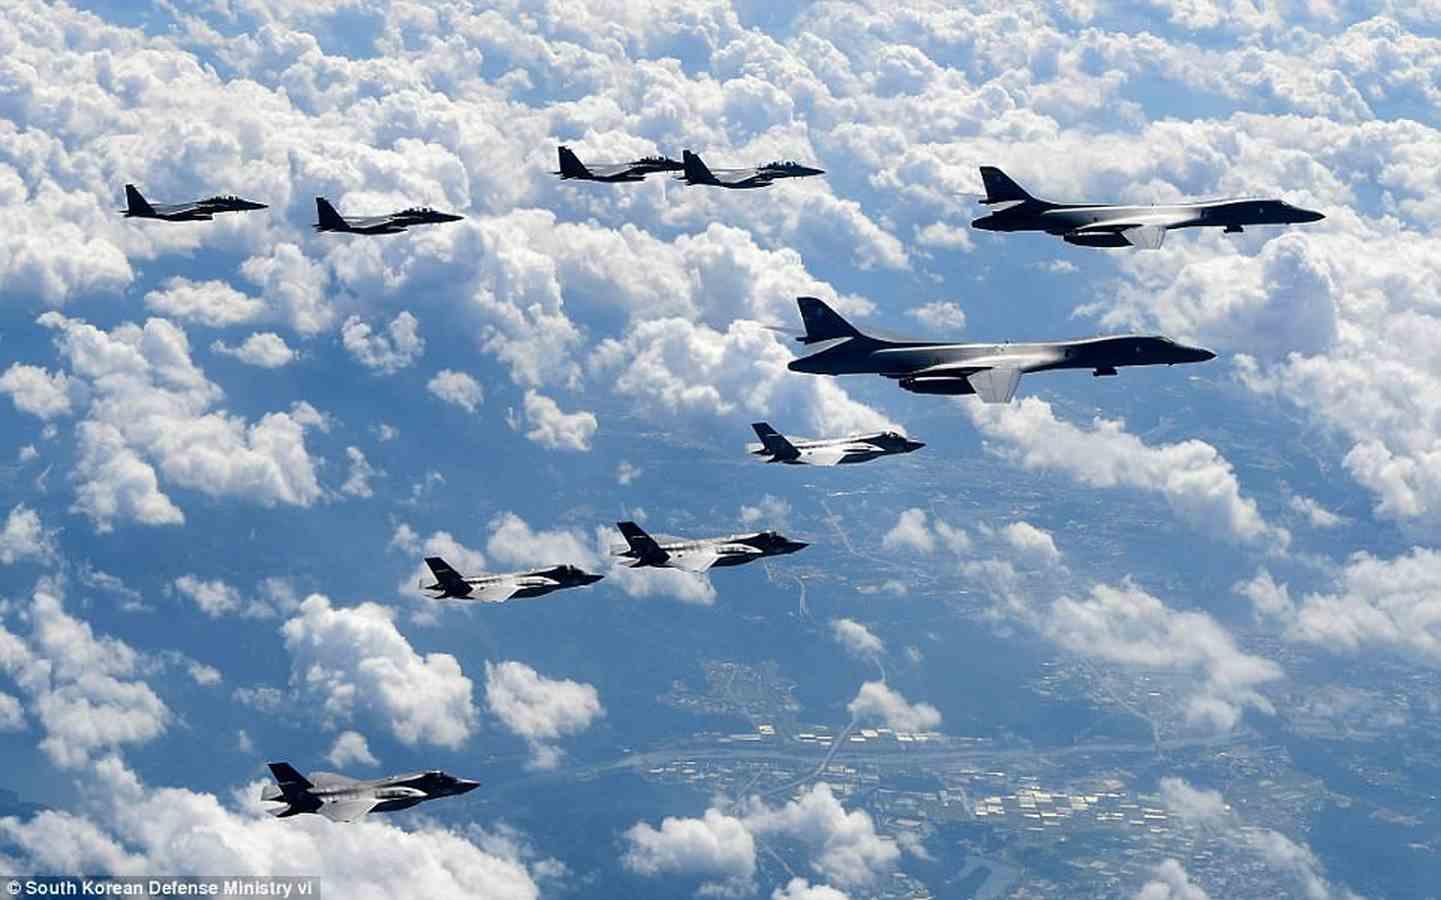 """Oanh tạc cơ, chiến đấu cơ Mỹ bay """"dằn mặt"""" sát Triều Tiên - 2"""